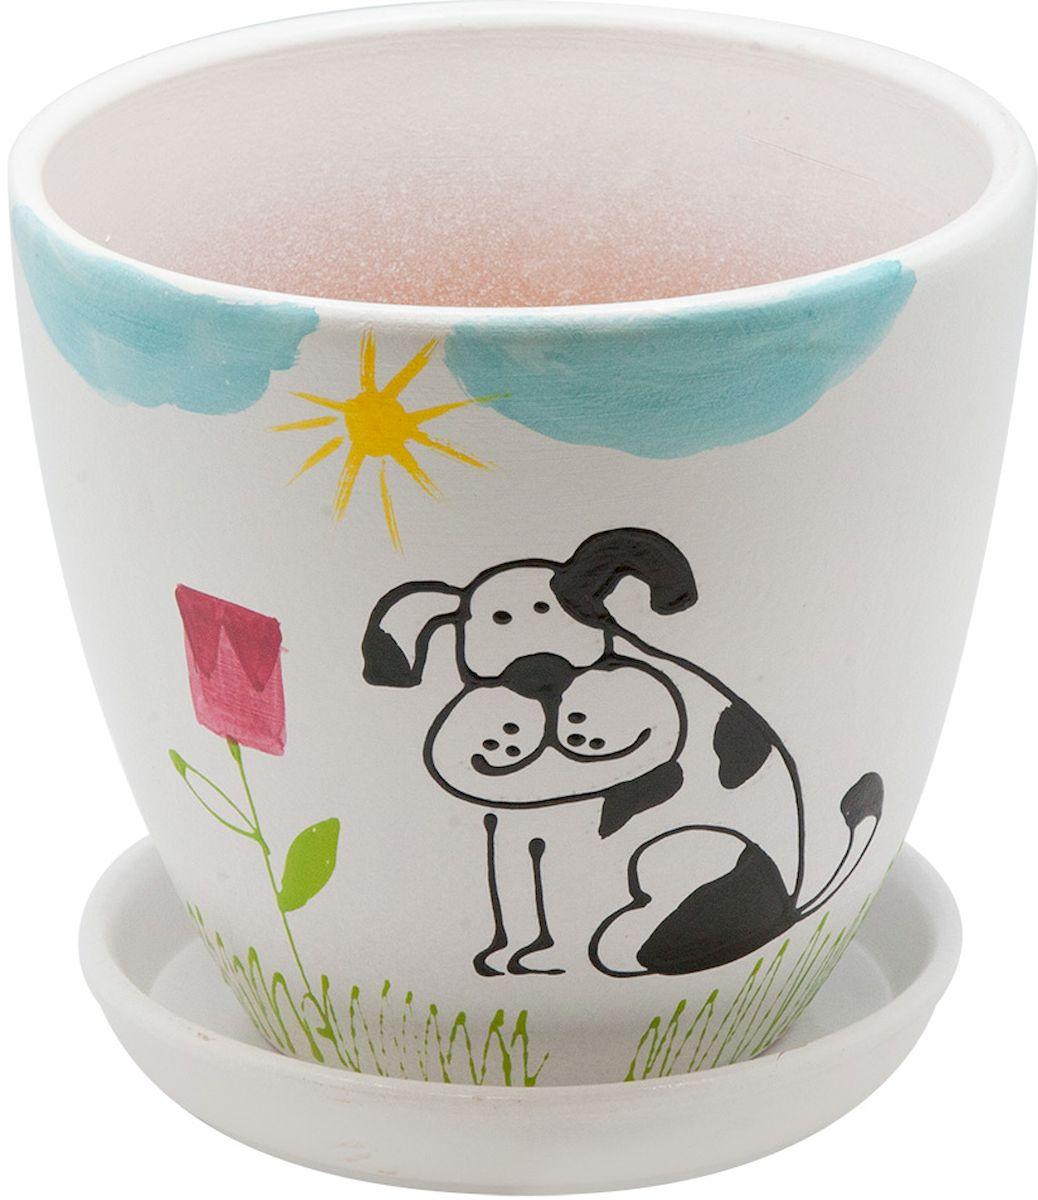 Горшок цветочный Engard Собака, с поддоном, 2,4 лS03201005Керамический горшок - это идеальное решение для выращивания комнатных растений и создания изысканности в интерьере. Керамический горшок сделан из высококачественной глины в классической форме и оригинальном дизайне.